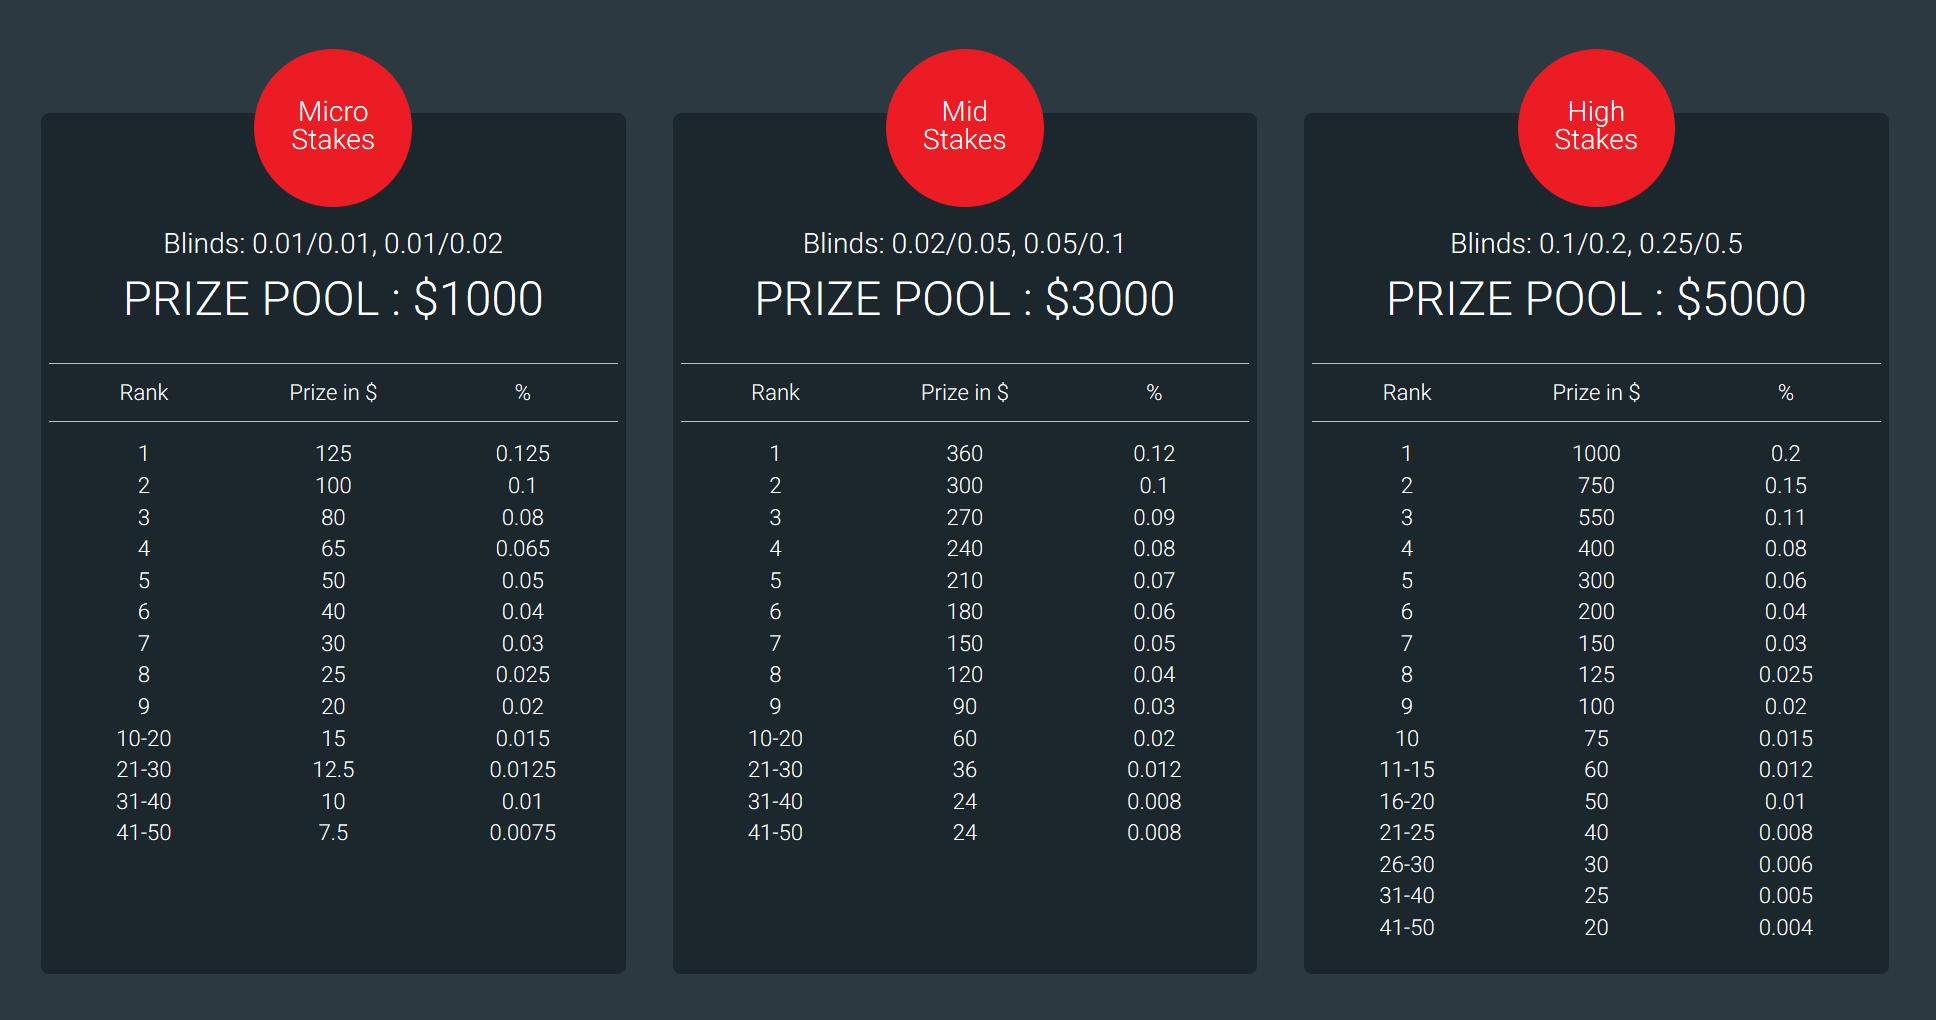 BetKing Poker Rake Race details